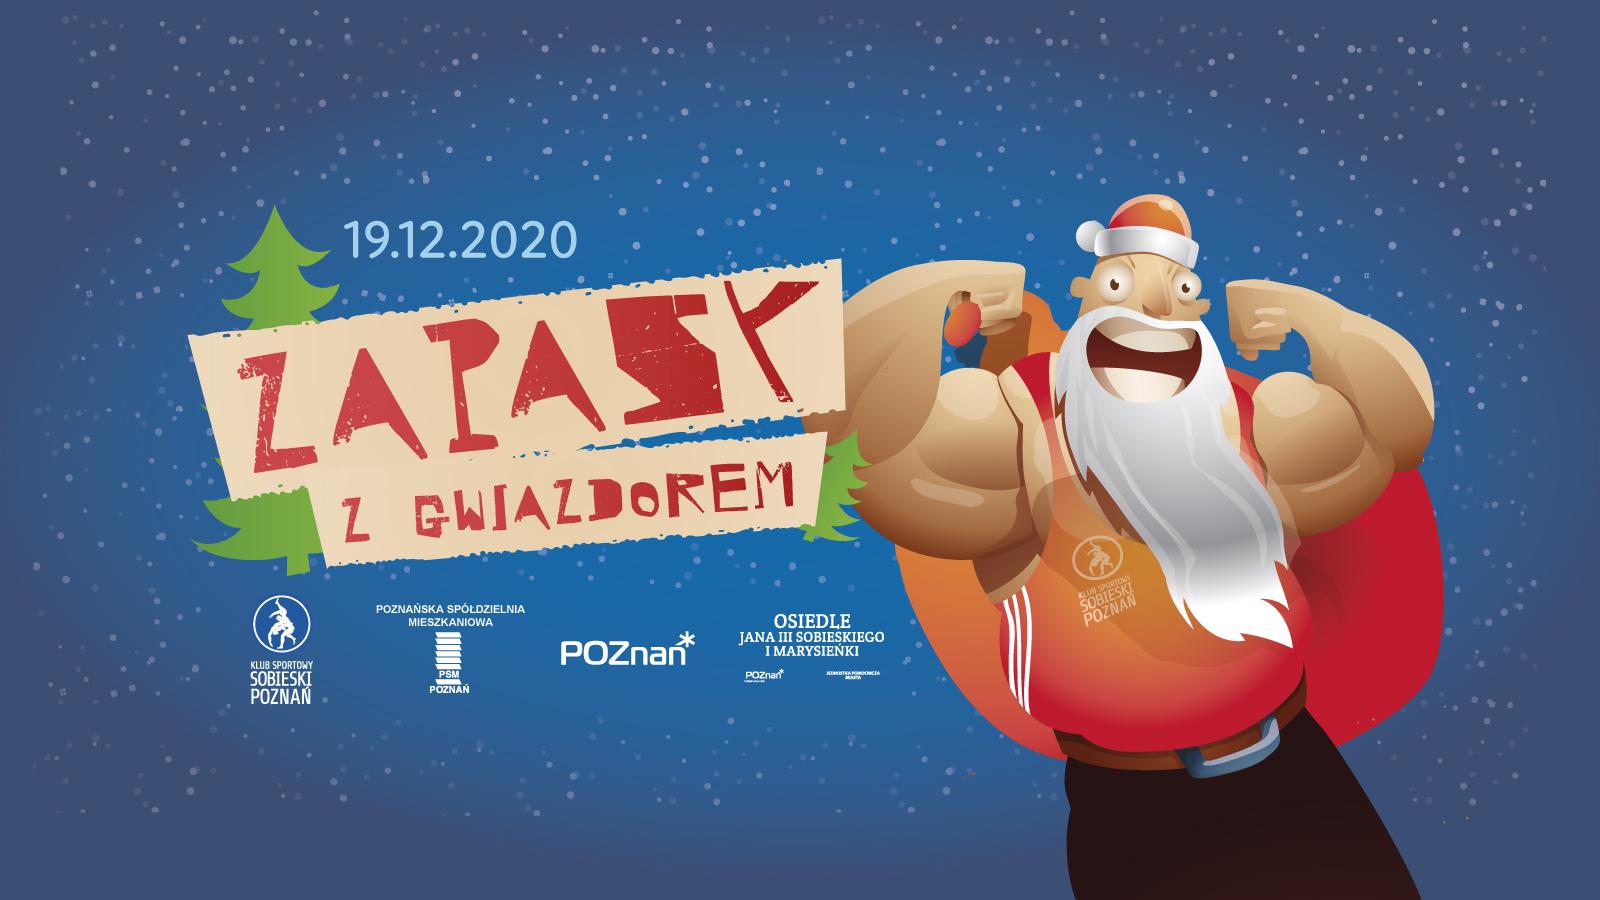 zapasy-z-gwiazdorem_baner-fb_v08-12-20